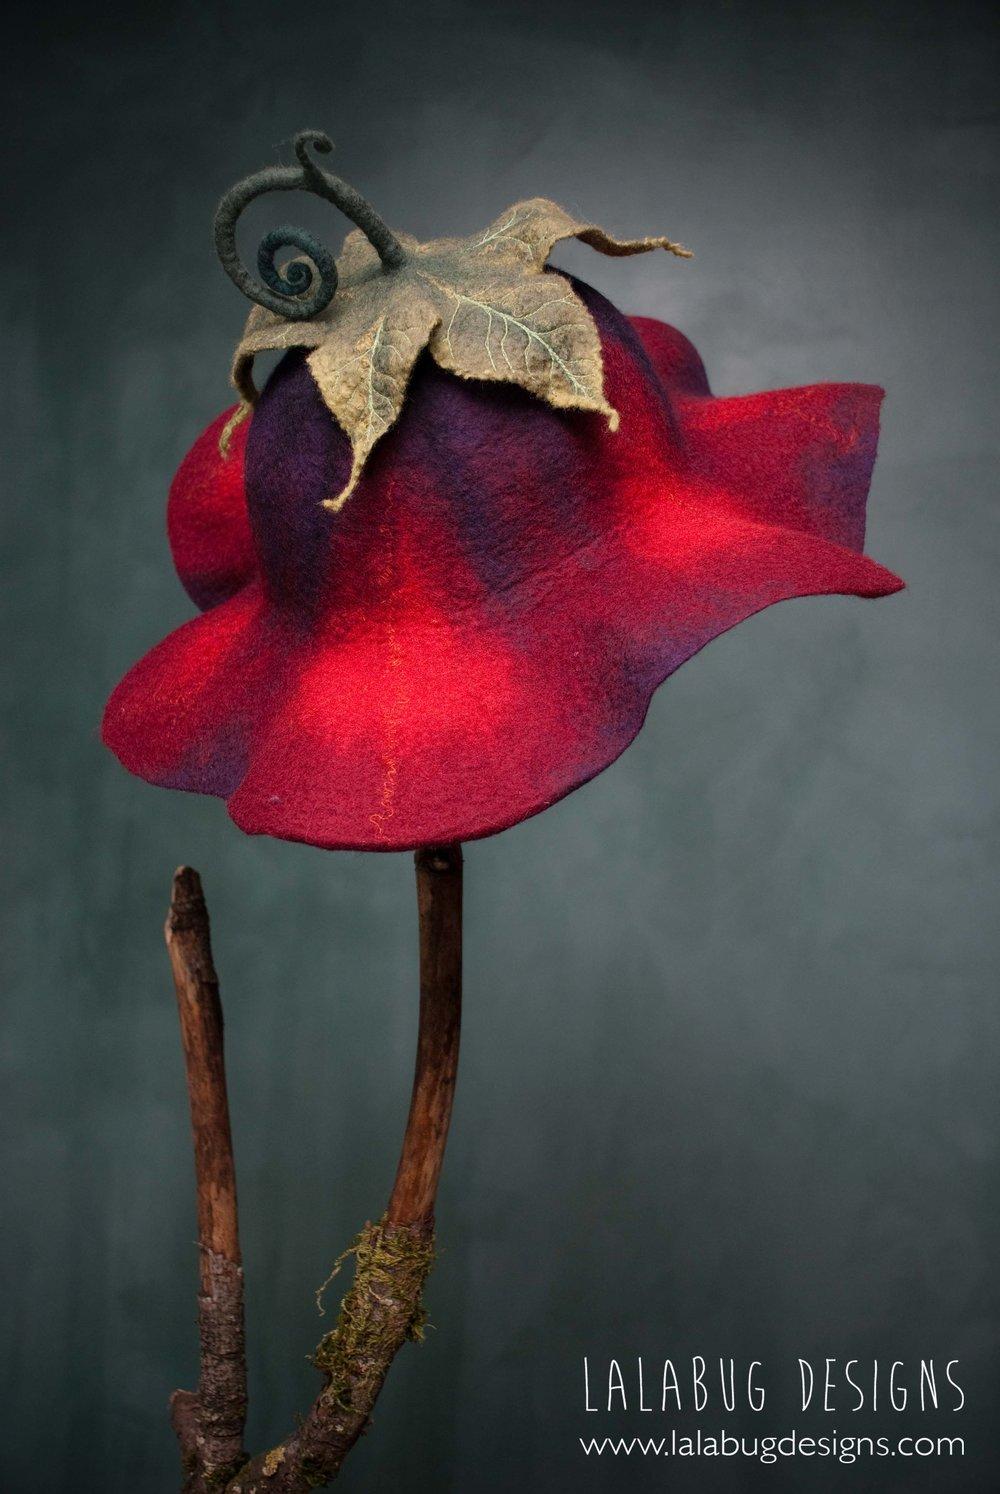 flowerteapot-1.jpg